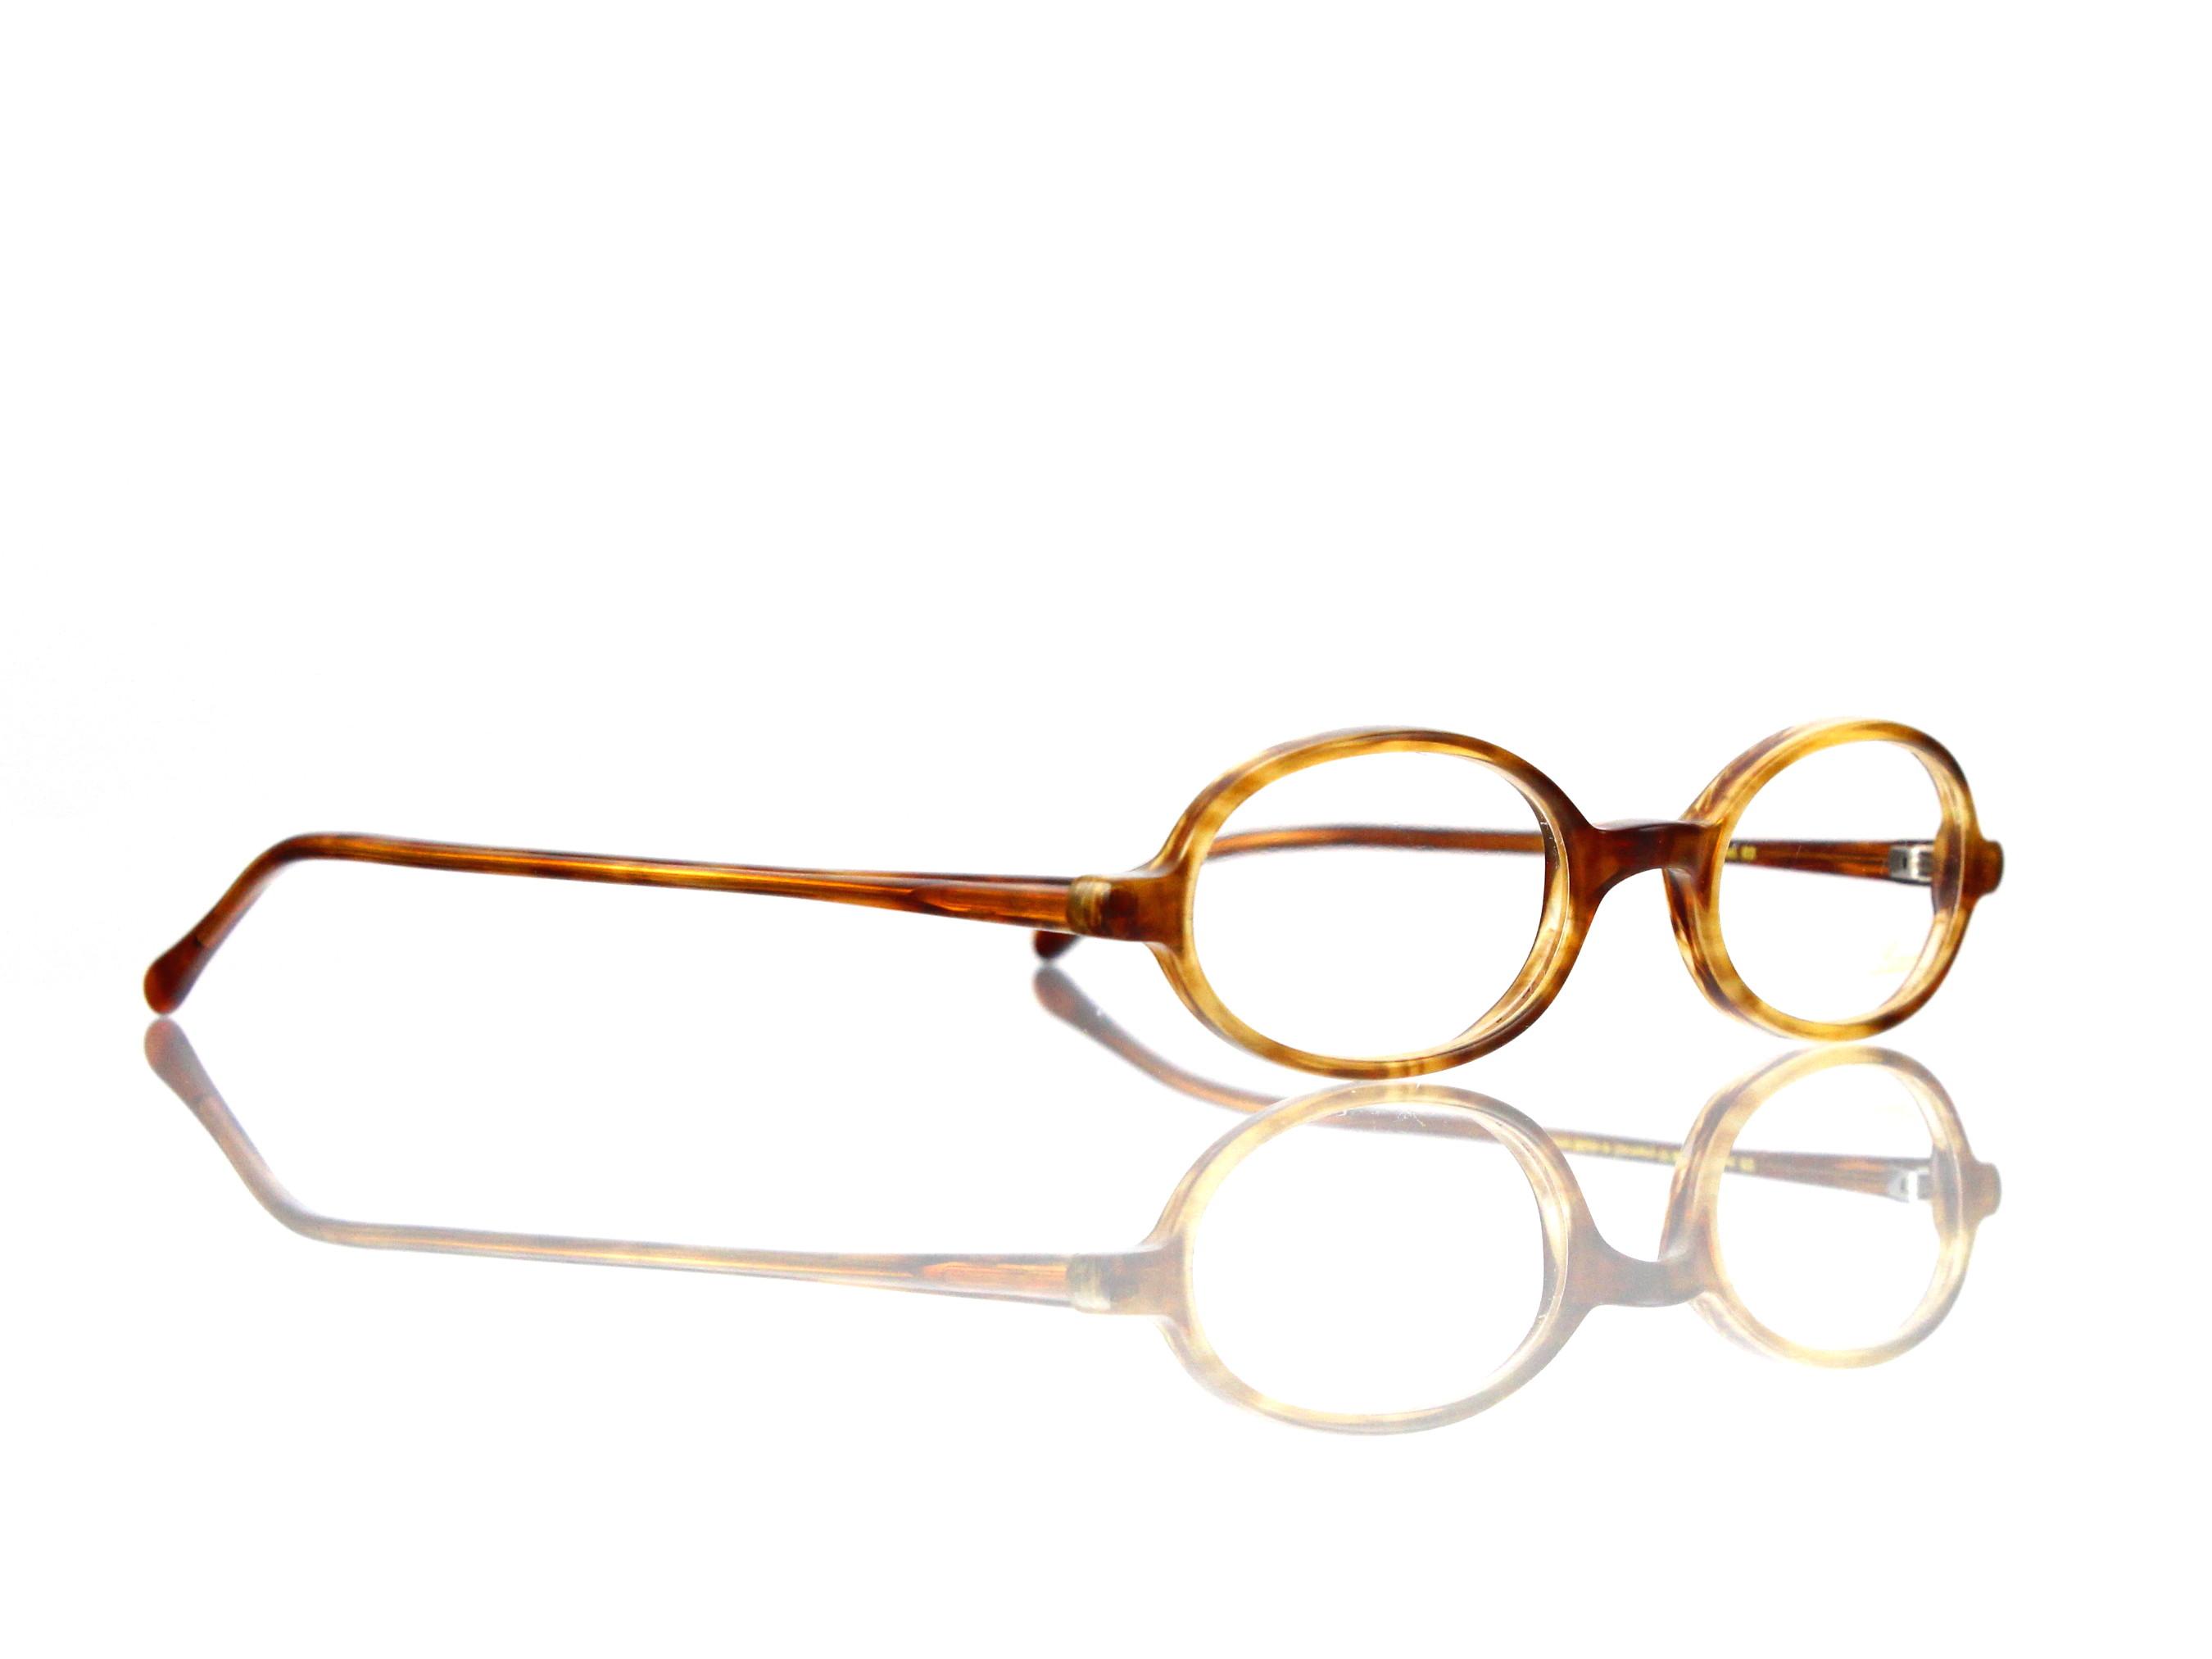 8ba1b1b4595 Blickpunkt-Brillen • Online-Shop • Marken • Brillen • Fassungen • Marke •  Hersteller • Lunor • Kollektion • Linie •   10004 genuine old Stuff • Lunor  ...